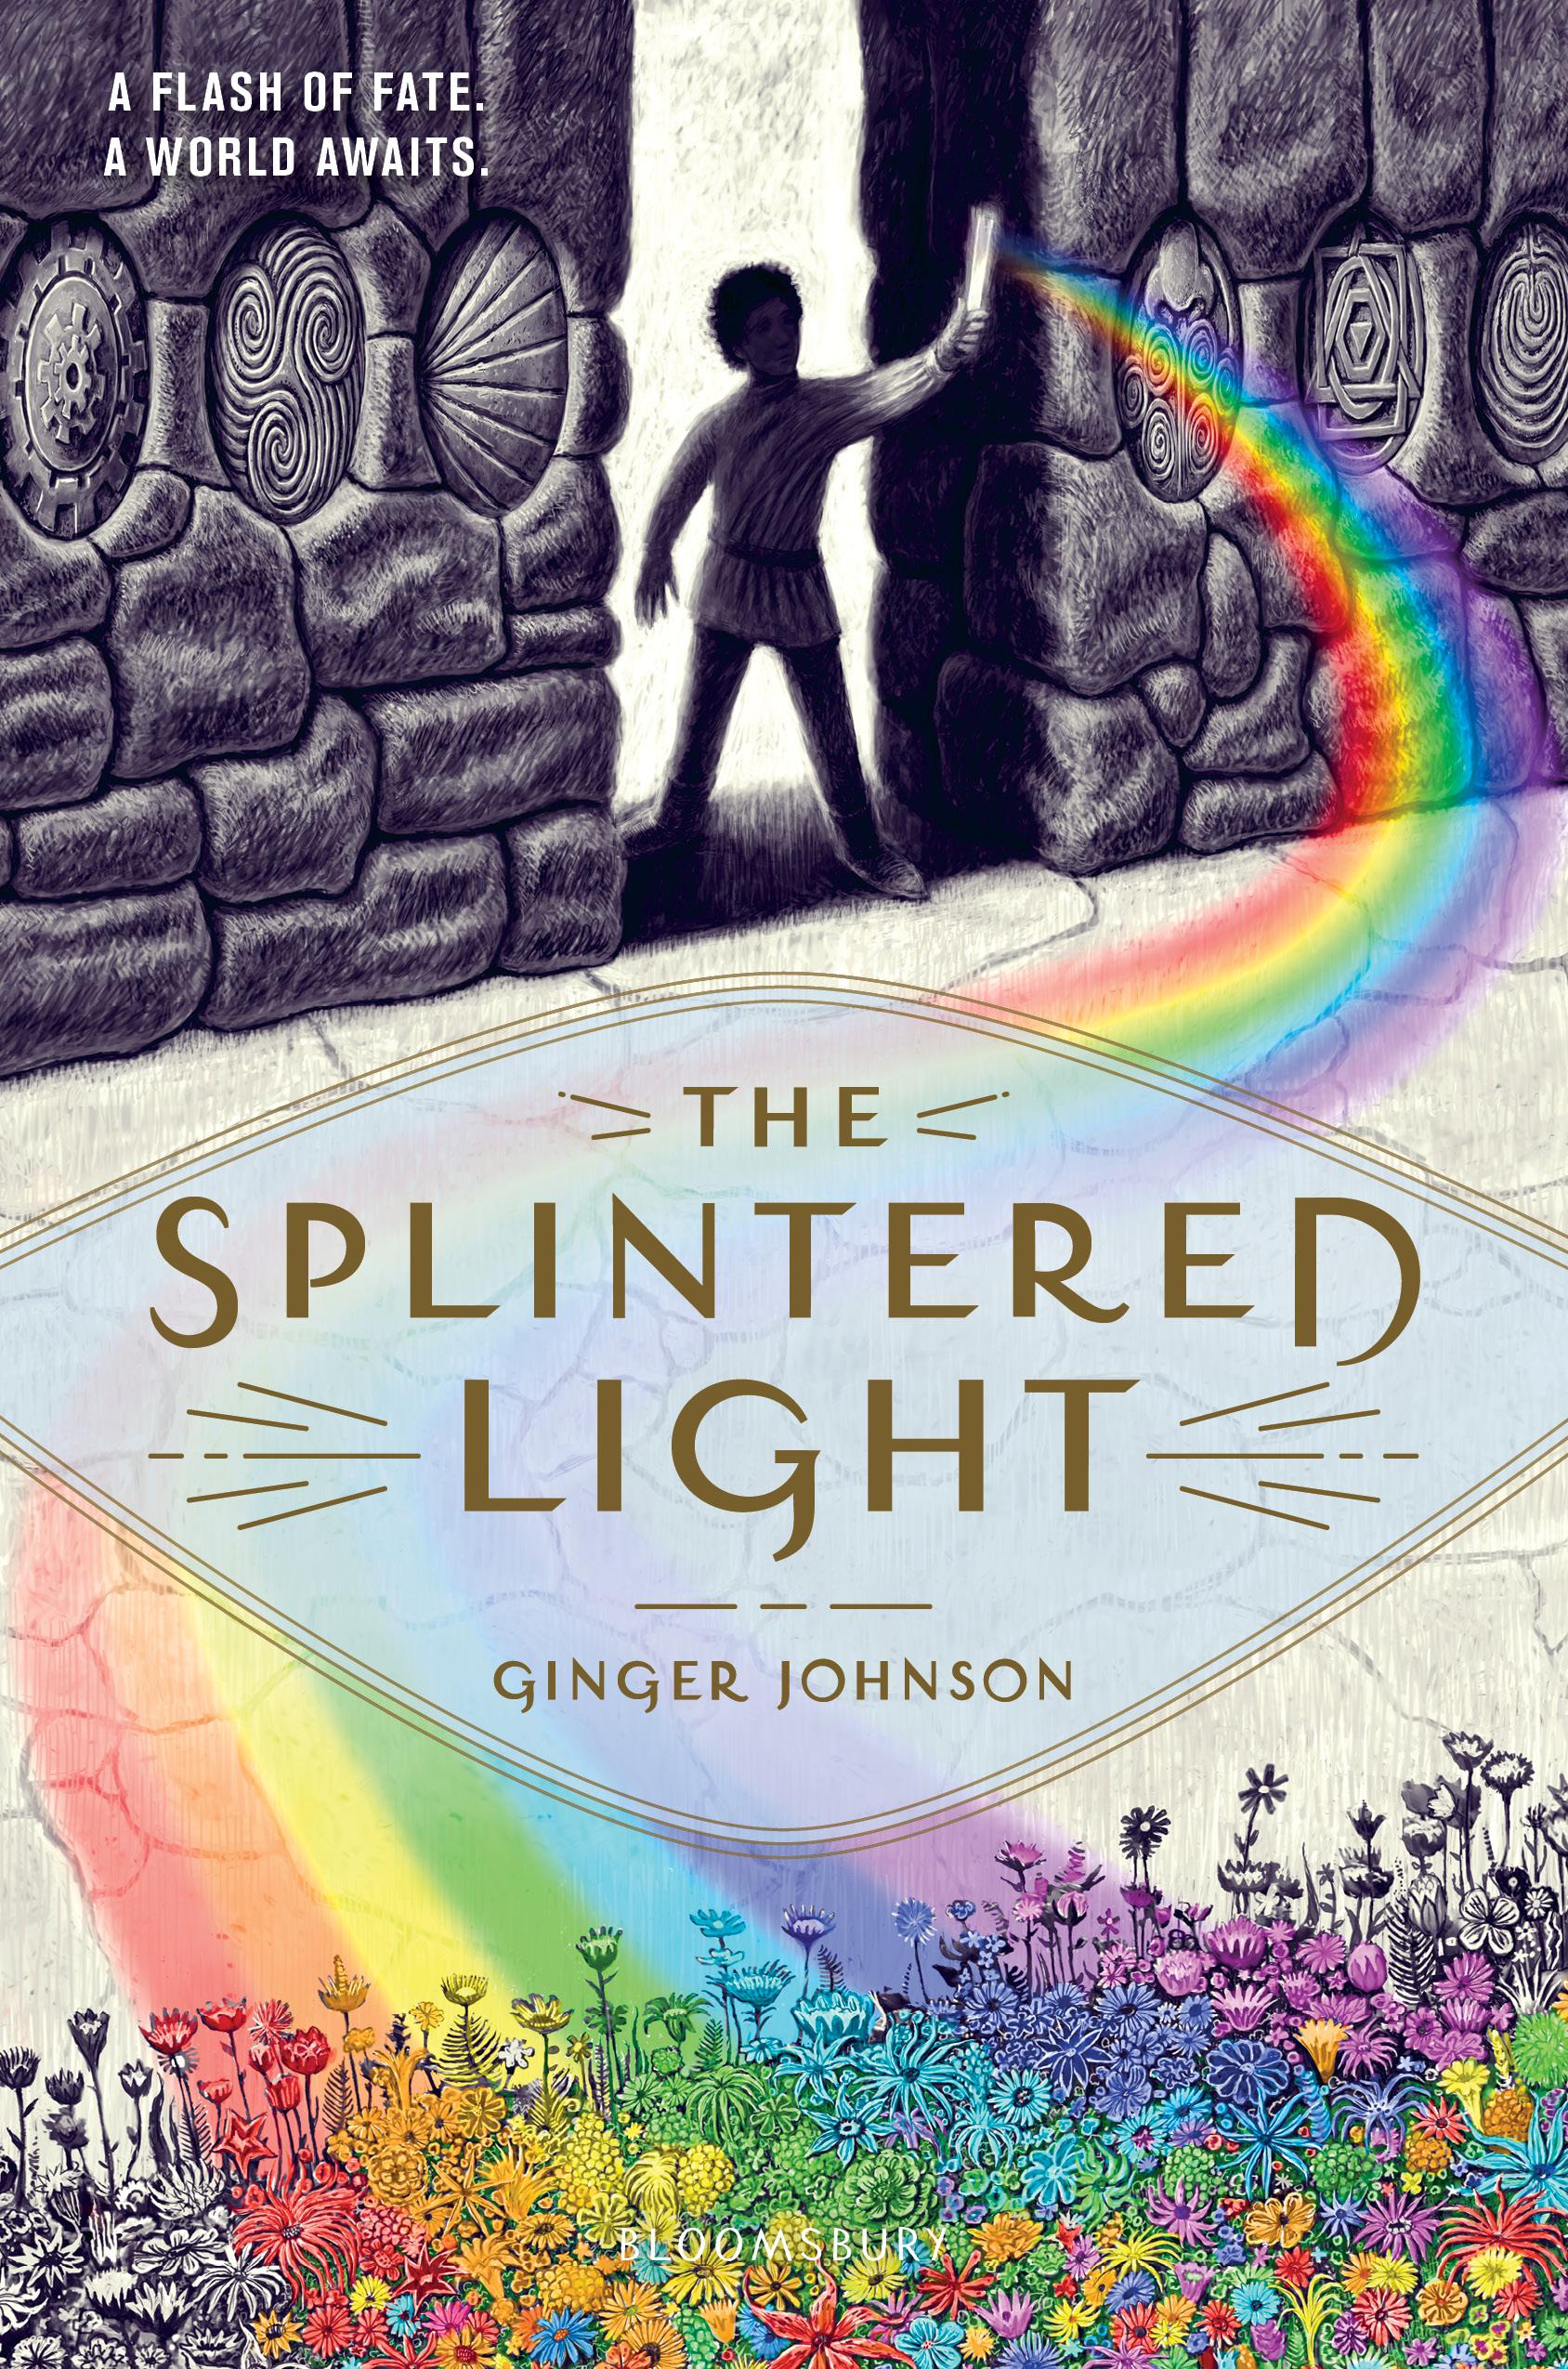 The Splintered Light by Ginger Johnson